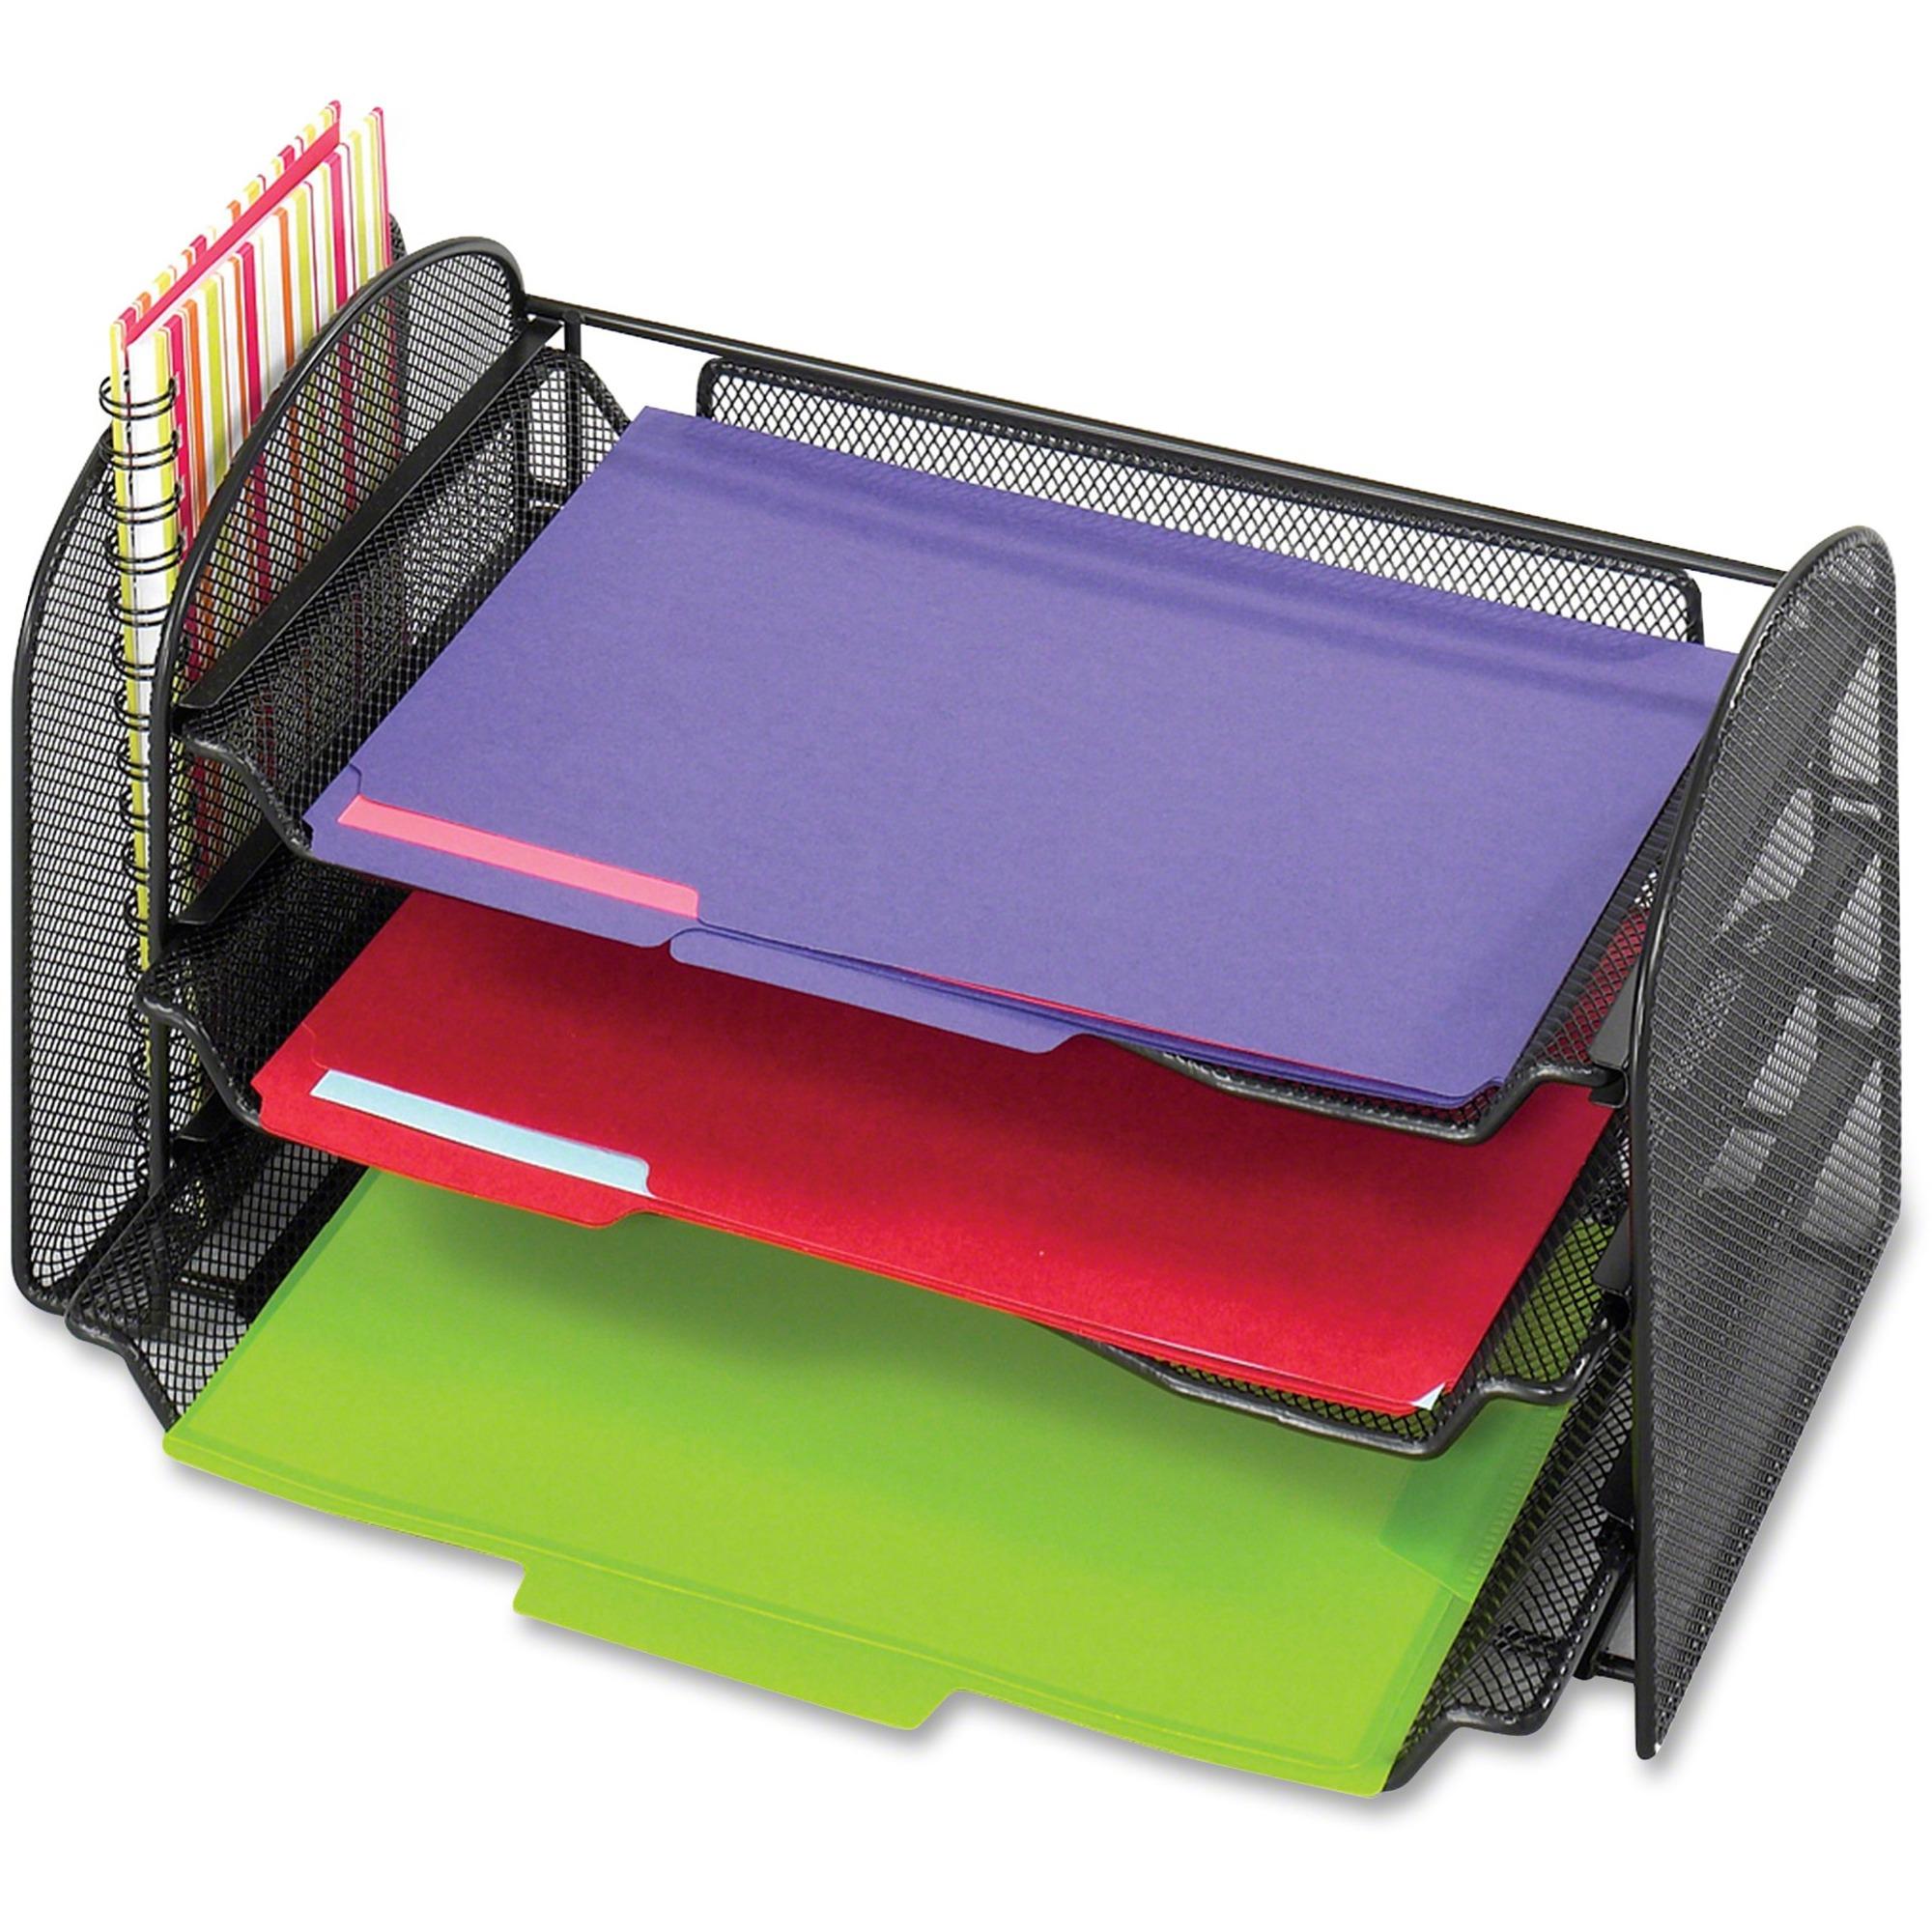 Safco Onyx 1 Upright 3 Tray Mesh Desk Organizer Pocket S